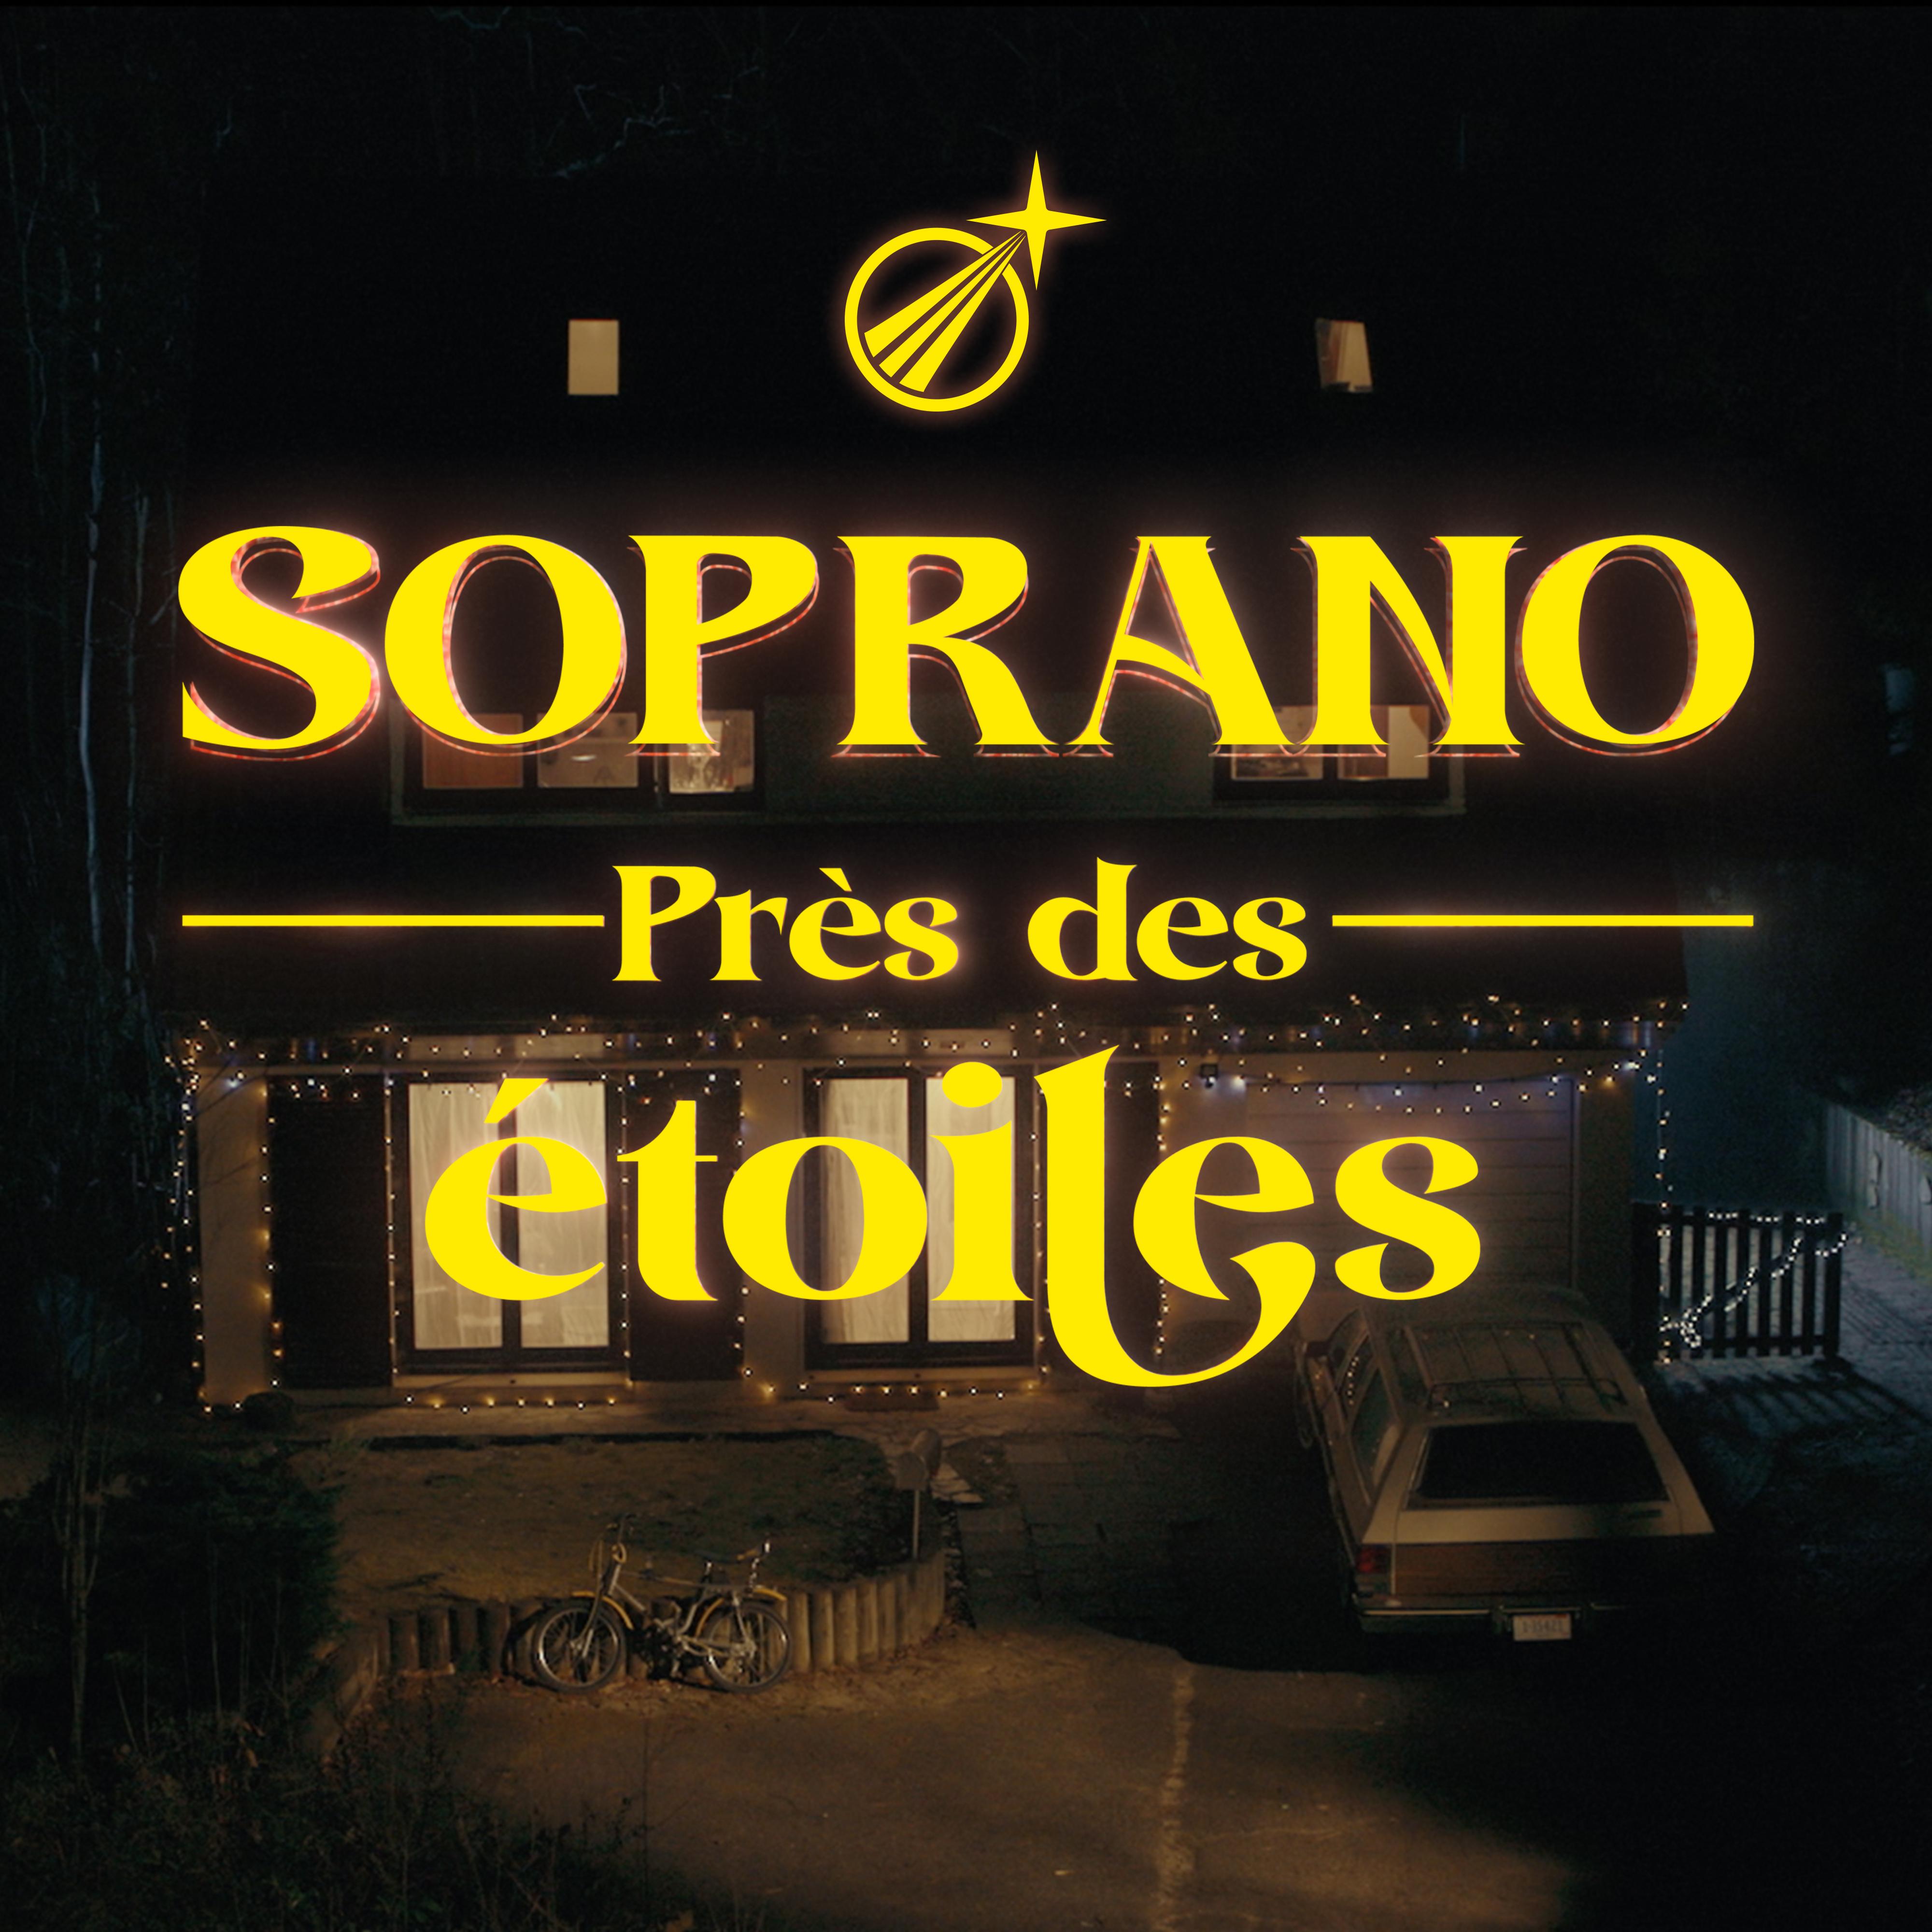 Soprano - Prés des étoiles